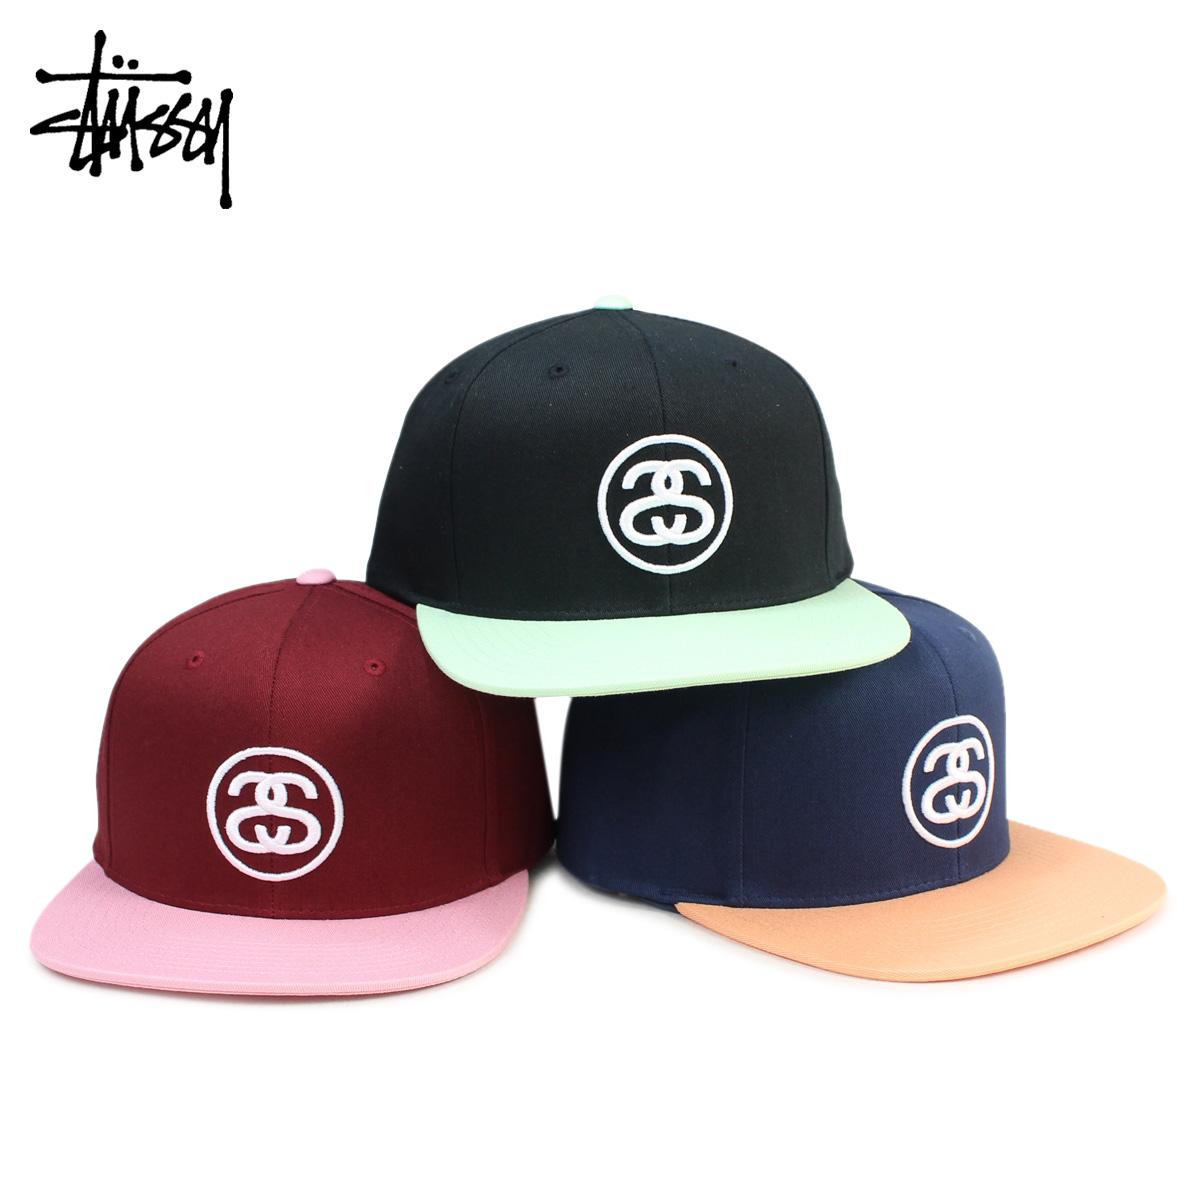 Whats up Sports  ステューシー STUSSY cap hat men gap Dis snapback cap SS LINK  SU17 SNAPBACK CAP 3 color  7 11 Shinnyu load   7e5549a0550